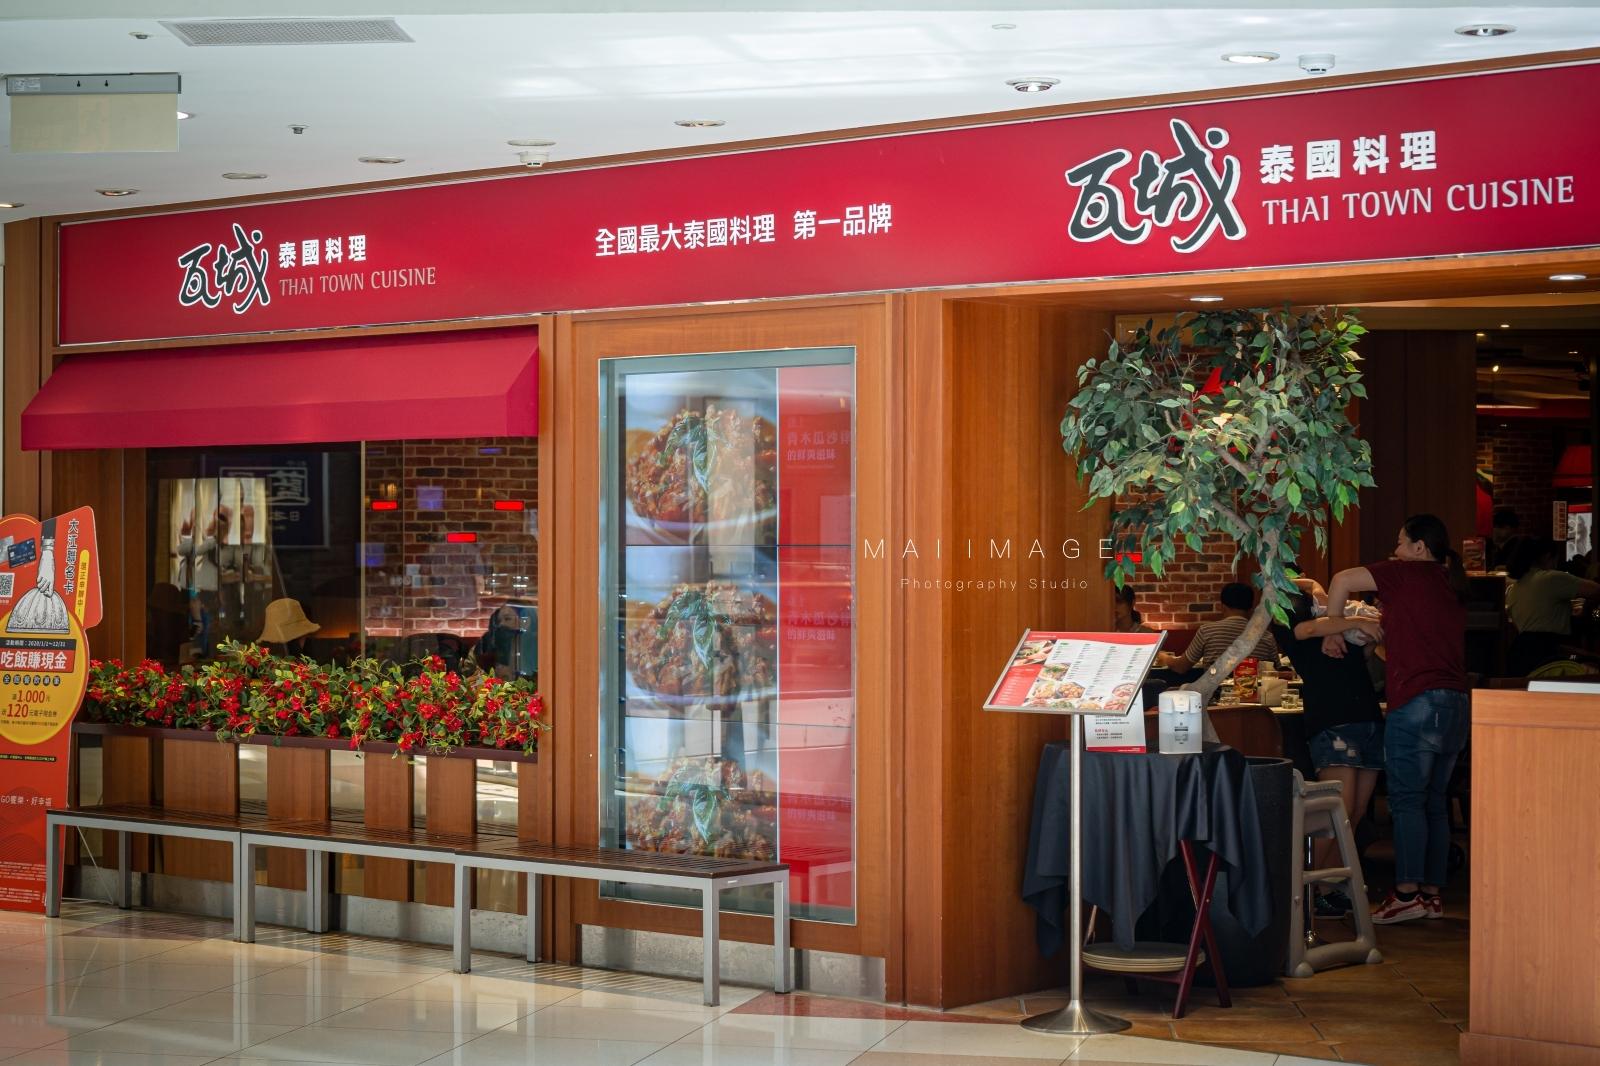 中壢大江購物中心必吃美食~網路傳說最好吃瓦城分店就在這!父親節優惠+三倍券優惠爽度超高